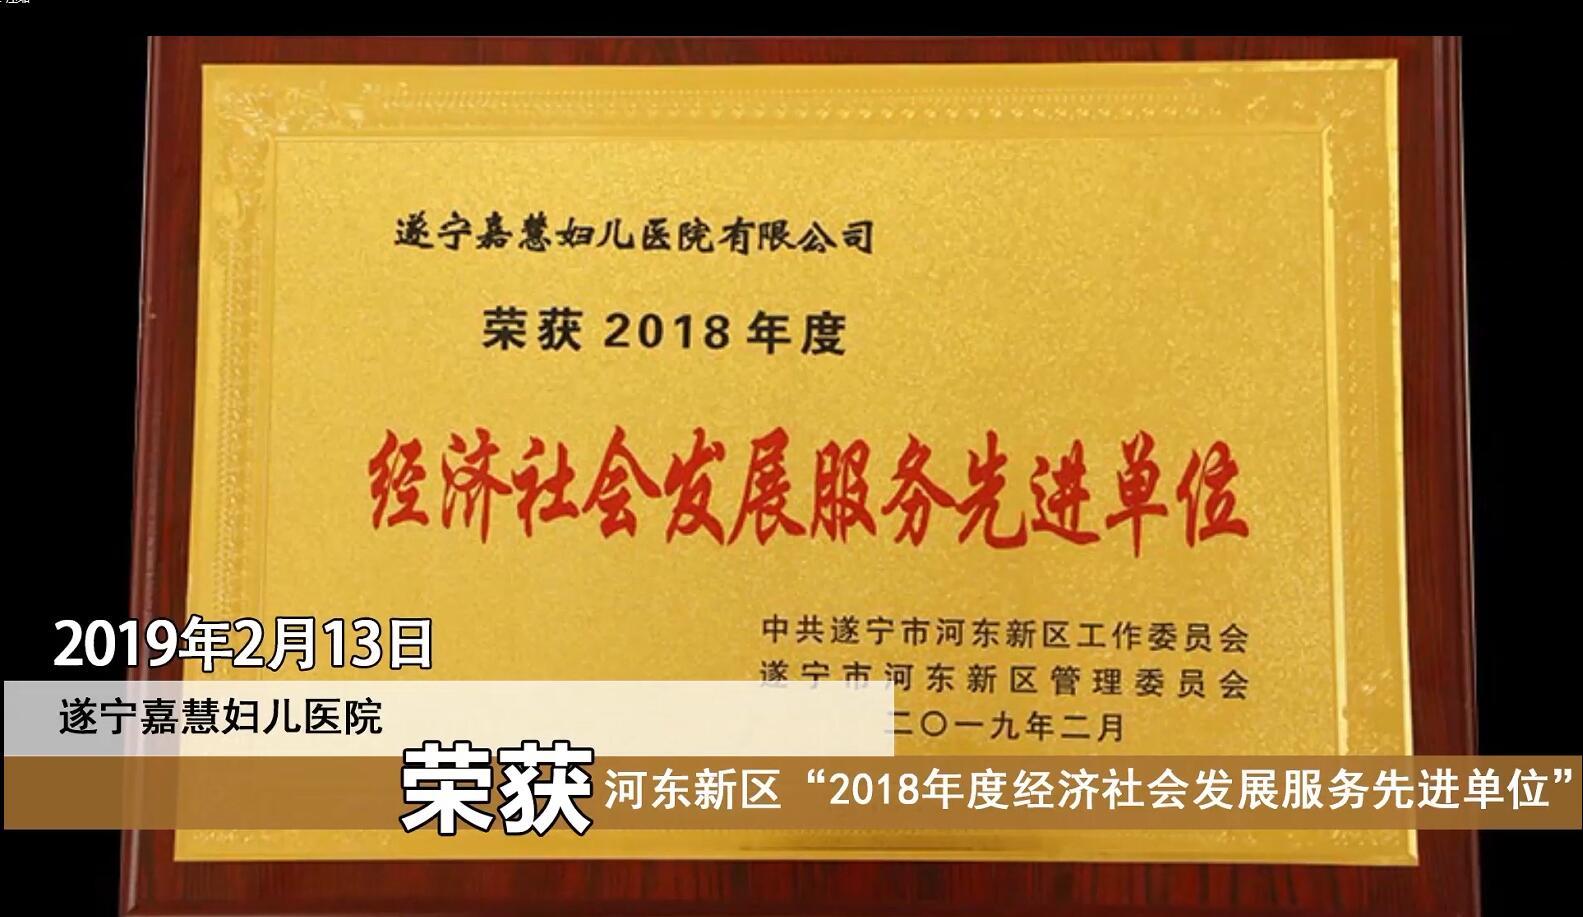 """遂宁嘉慧妇儿医院荣获河东新区""""2018年度经济社会发展服务先进单位"""""""